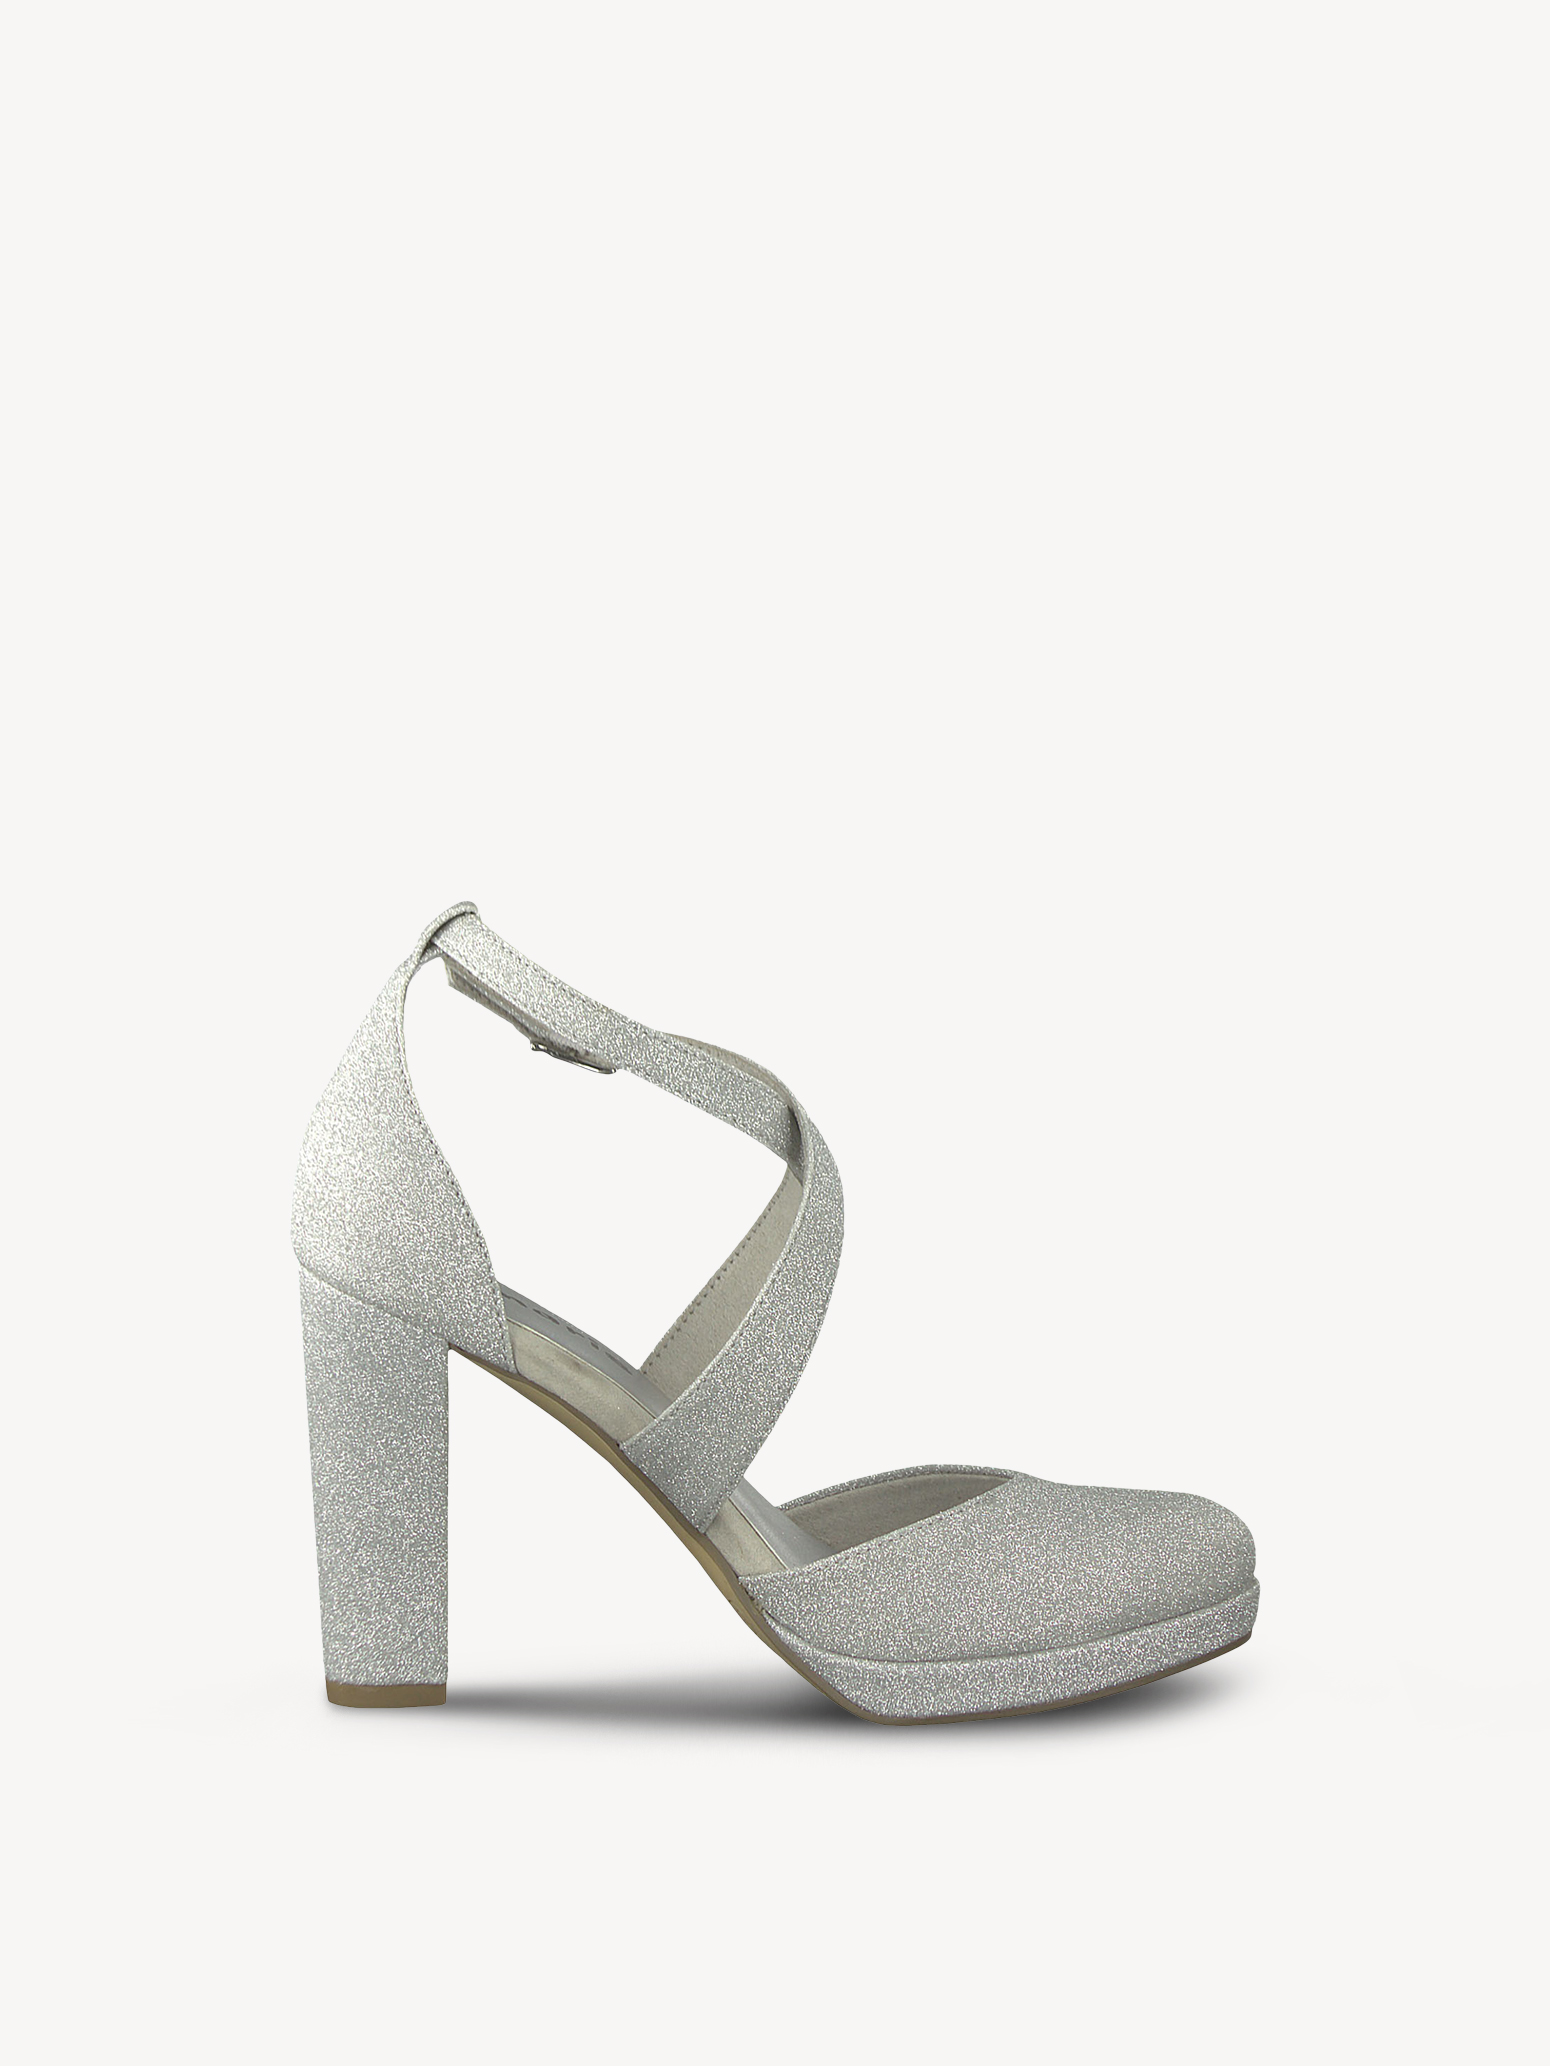 High 1 Heels Online 22Tamaris 1 Heel 24406 Kaufen A45RjL